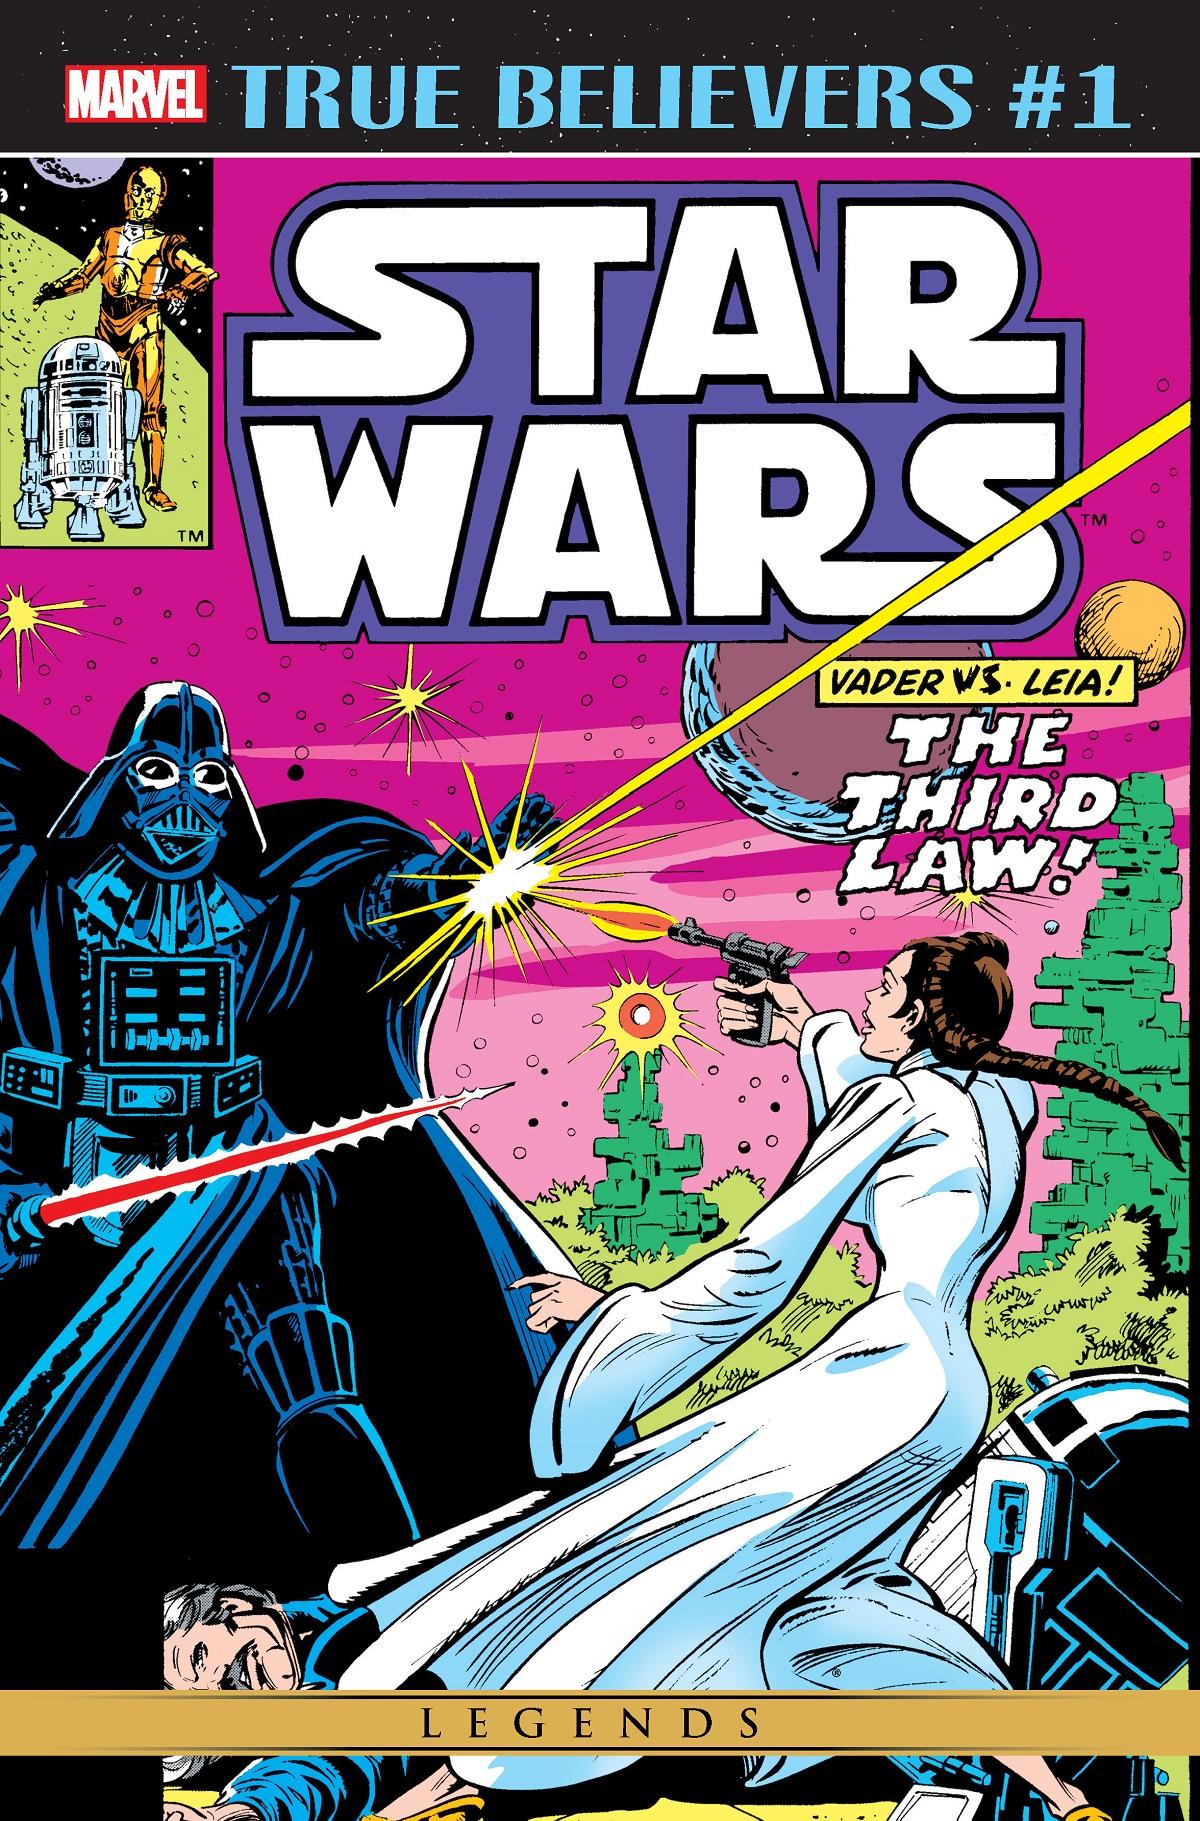 True Believers: Star Wars - Vader vs. Leia Vol 1 1